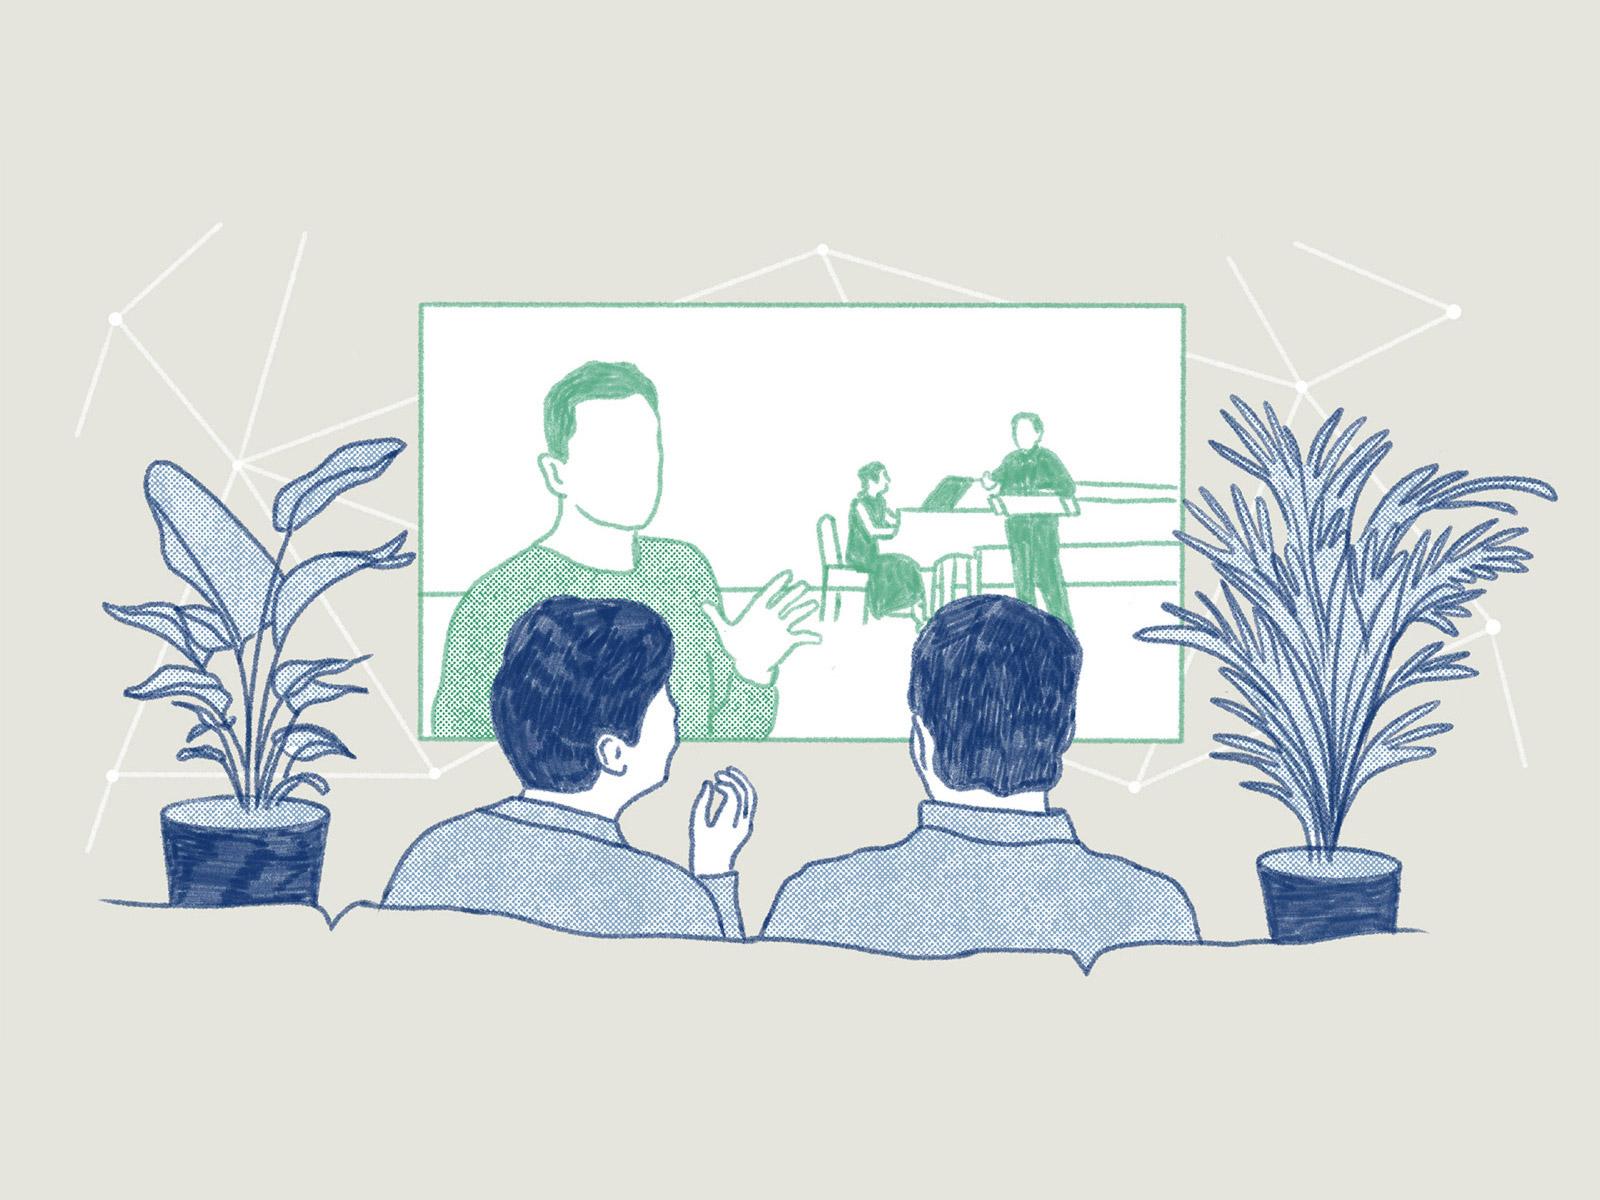 Dutch Knowledge Institute Culture & Digitalization (DEN)